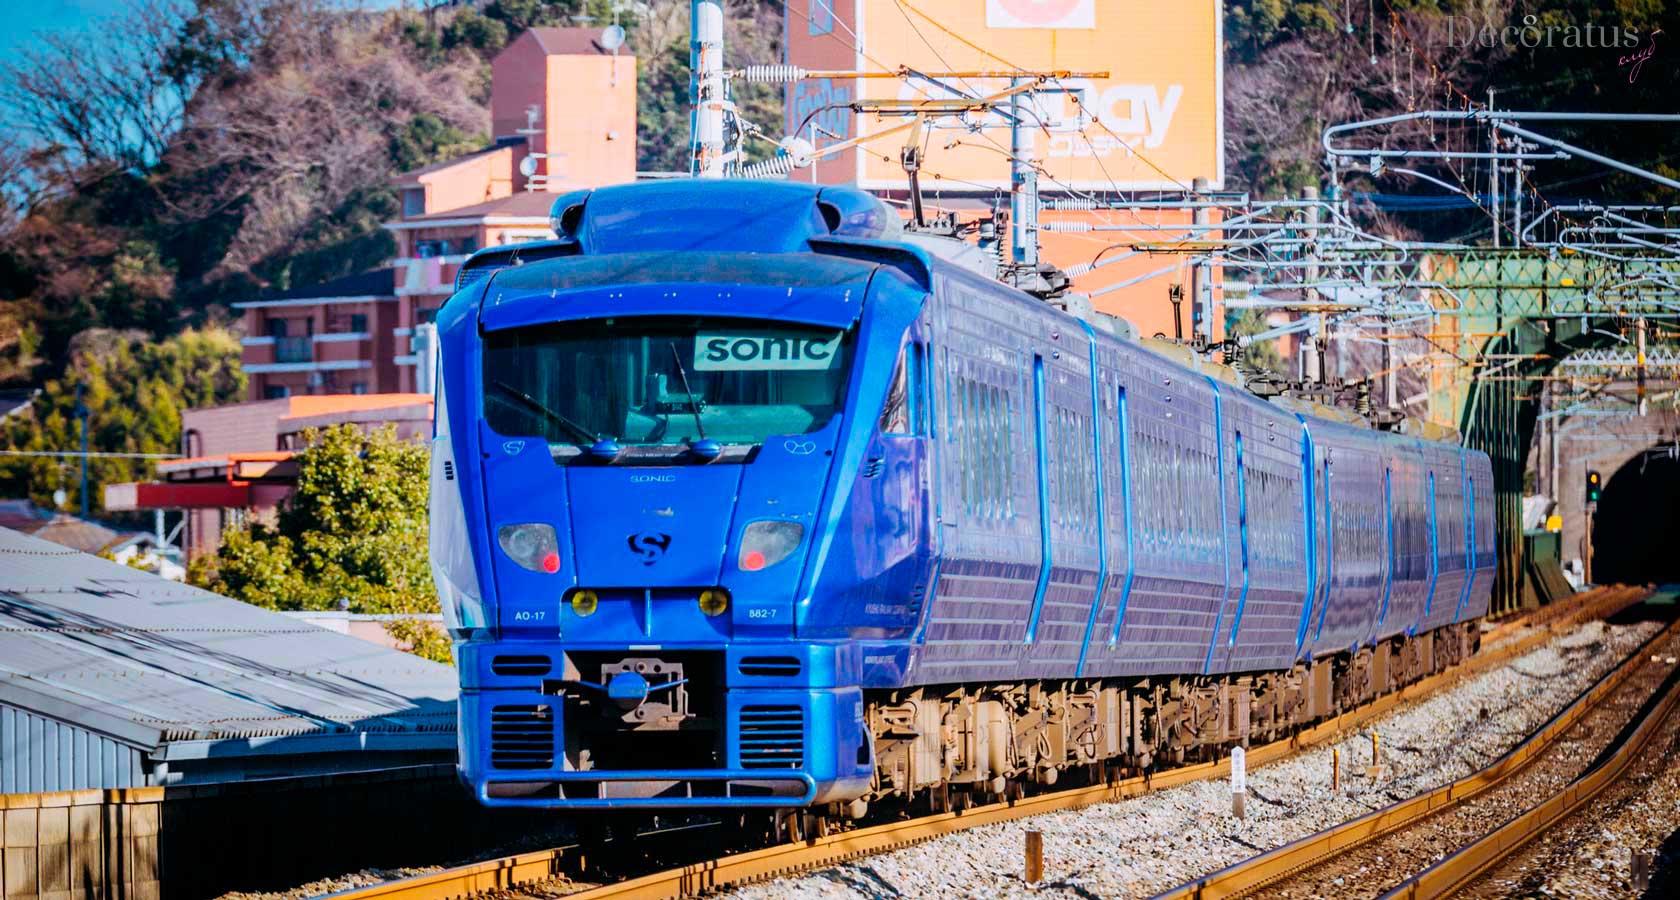 поезда японии - поезд Соник Sonic